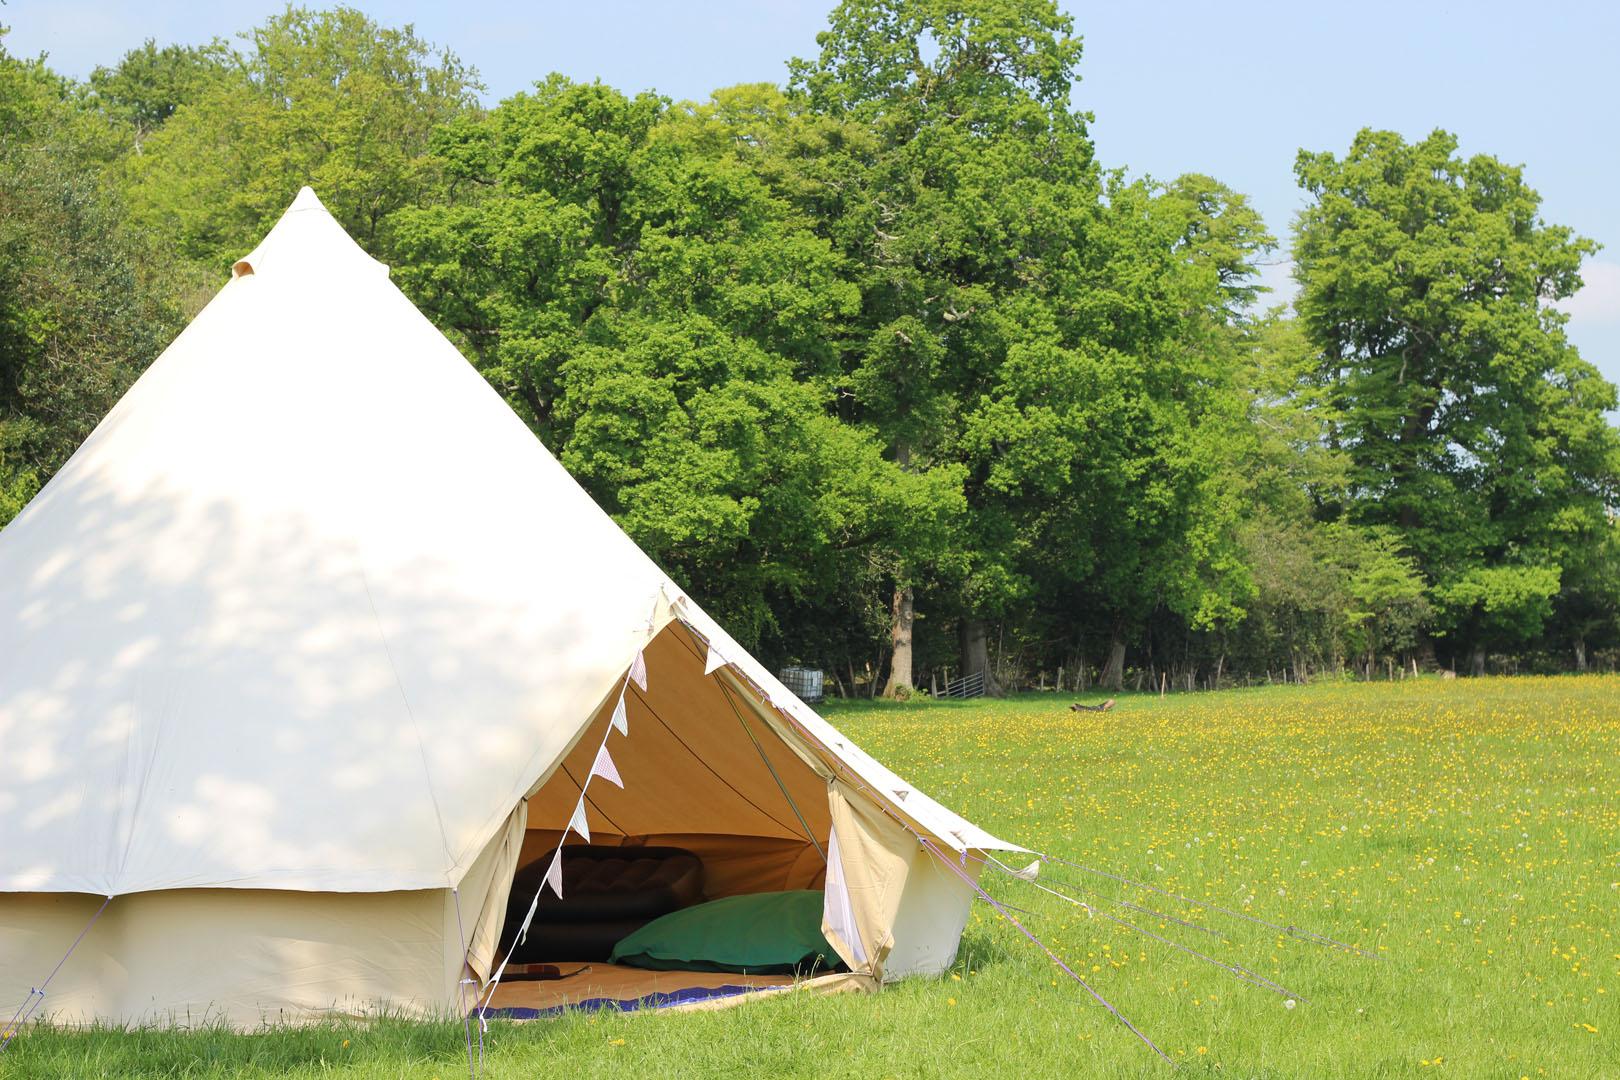 7m-bell-tent-parsonage-farm-campsite